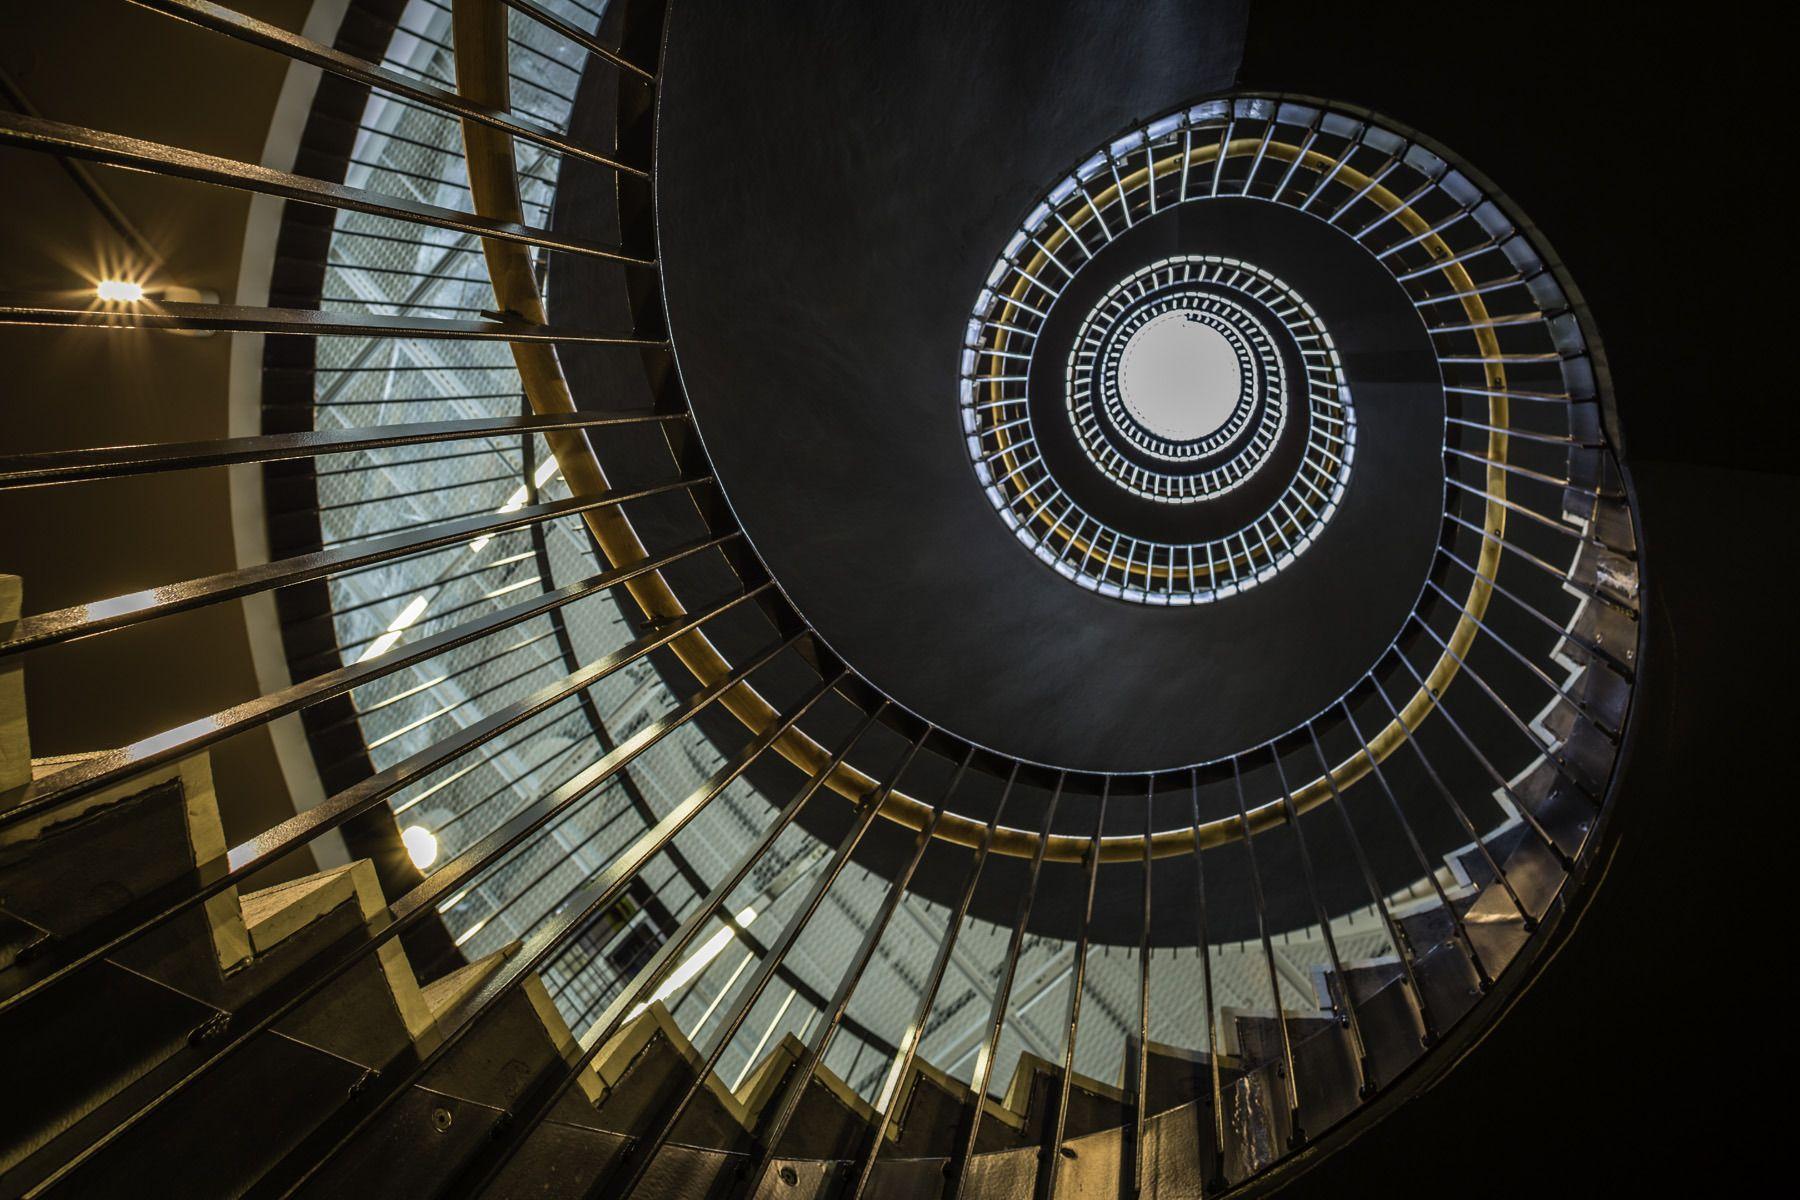 Goldeneye - Gothenburg, Sweden - © 2013 Mabry Campbell #spiralstaircase #gothenburg #sweden #lindholmen #winghårdh